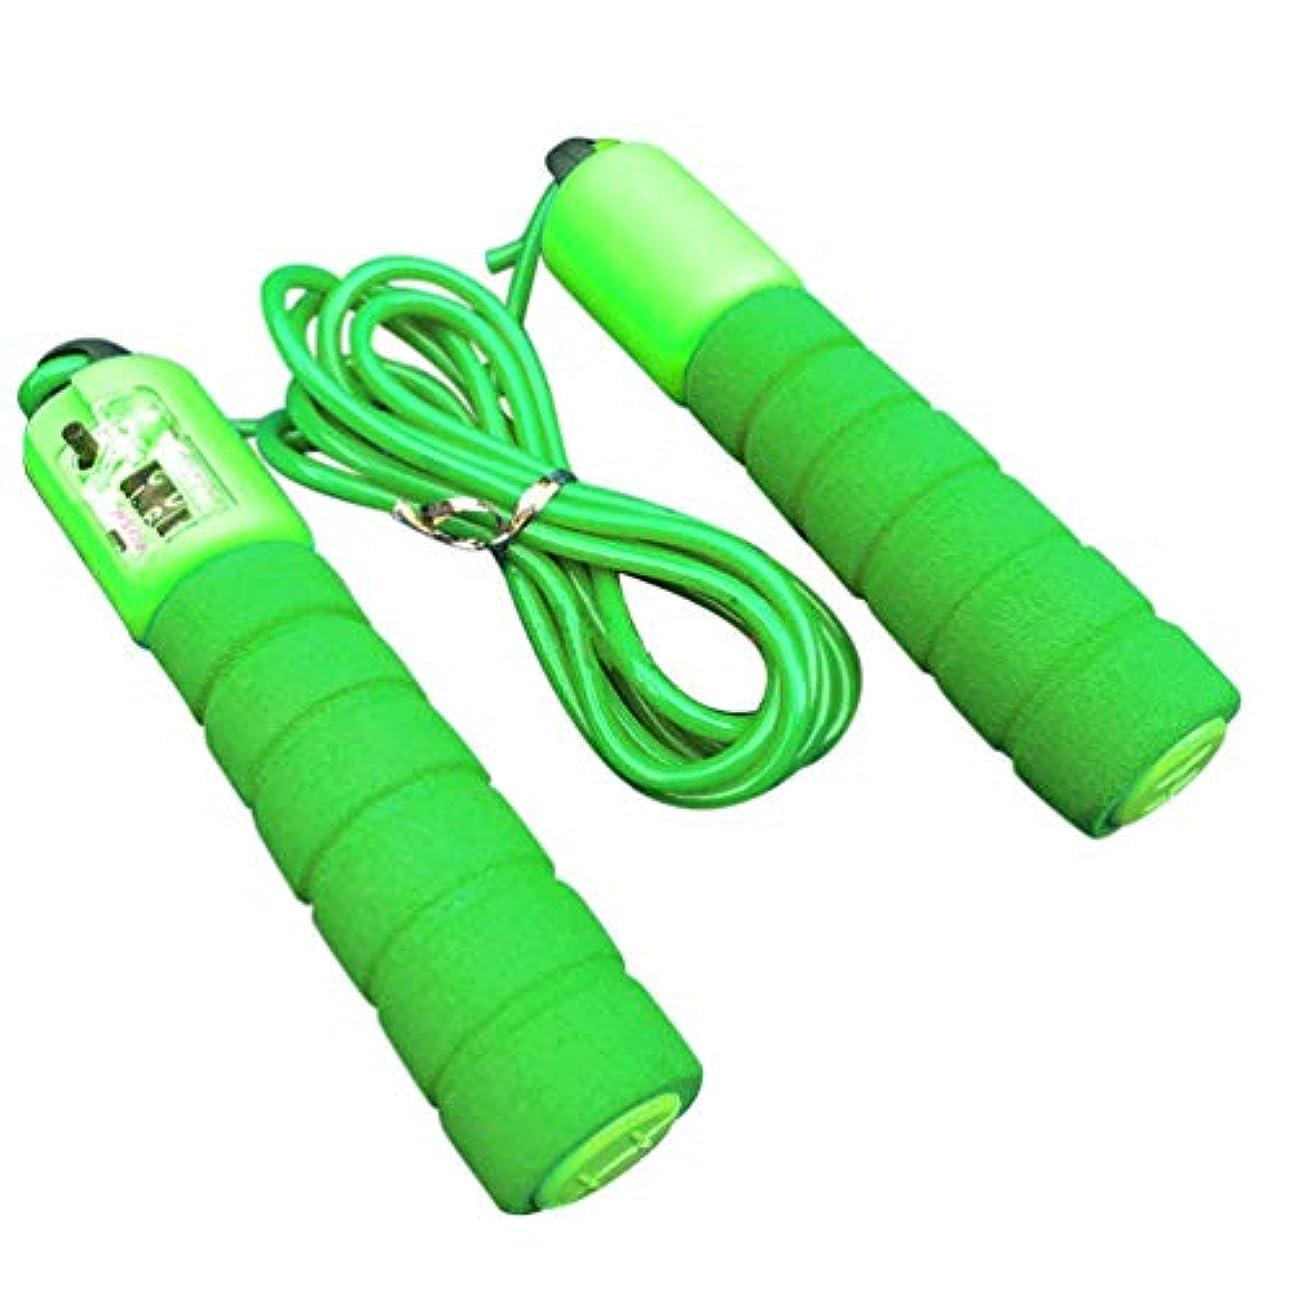 アミューズメント忠実な寛大さ調節可能なプロフェッショナルカウント縄跳び自動カウントジャンプロープフィットネス運動高速カウントジャンプロープ - グリーン